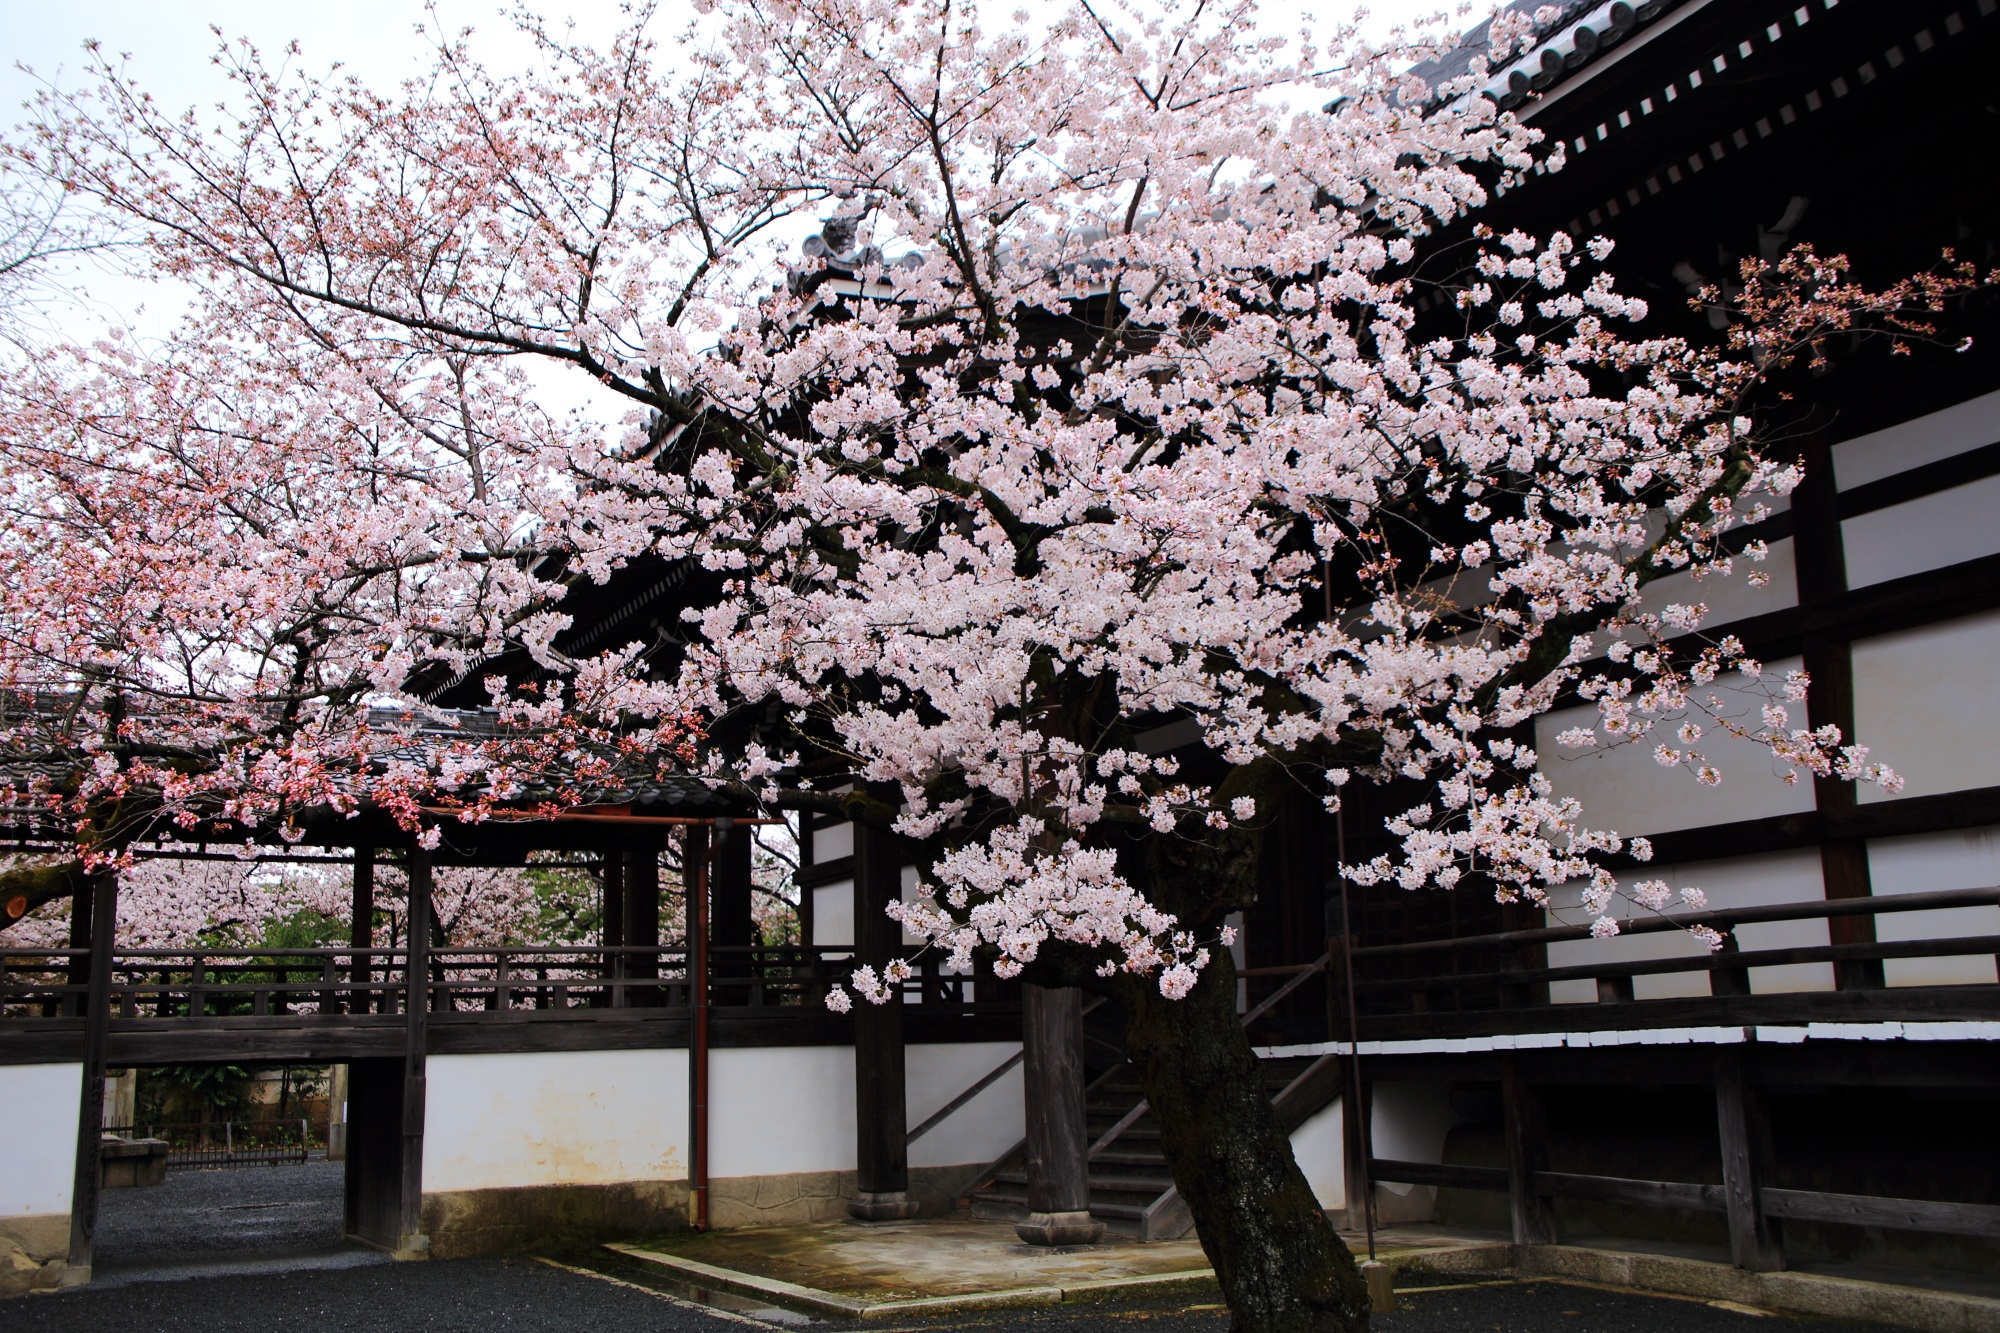 桜の穴場の妙顕寺の本堂裏の華やかな桜